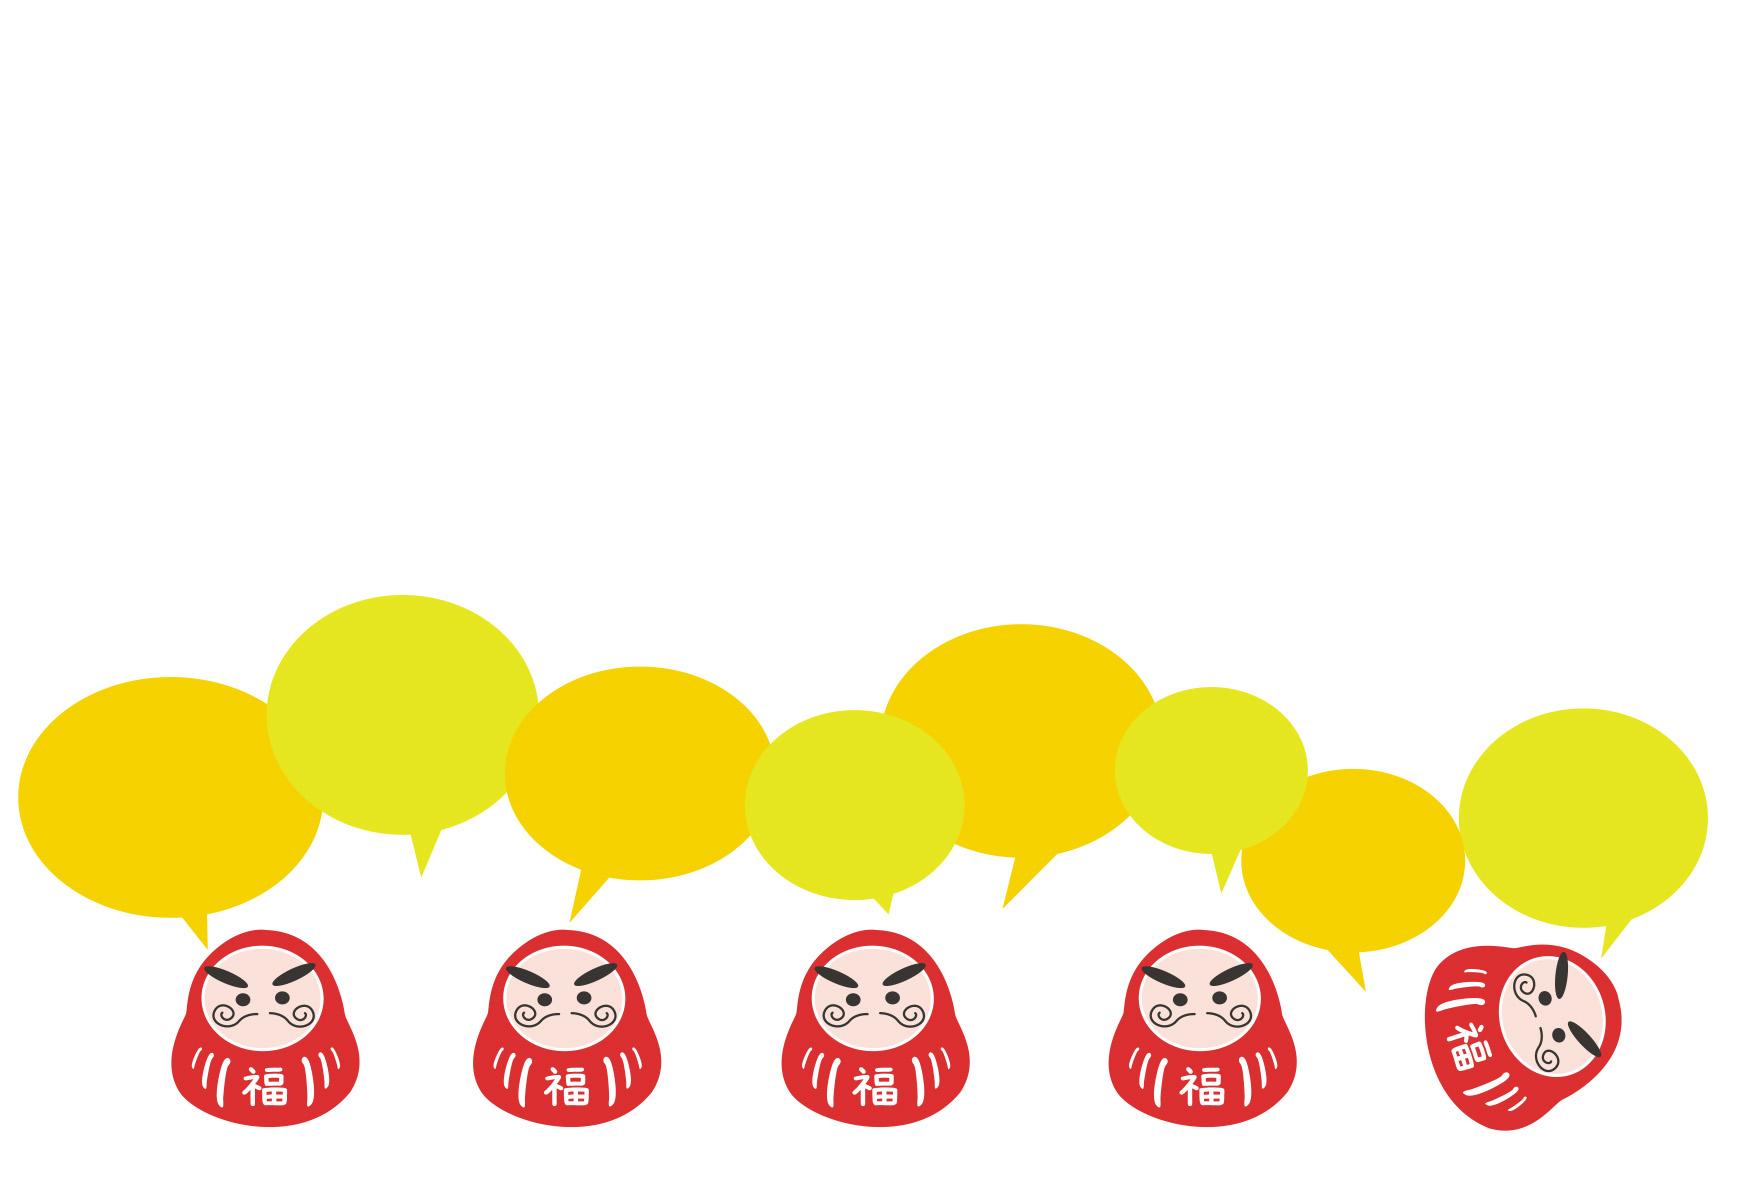 だるまのイラストフレーム - 年賀状2015無料イラスト素材集